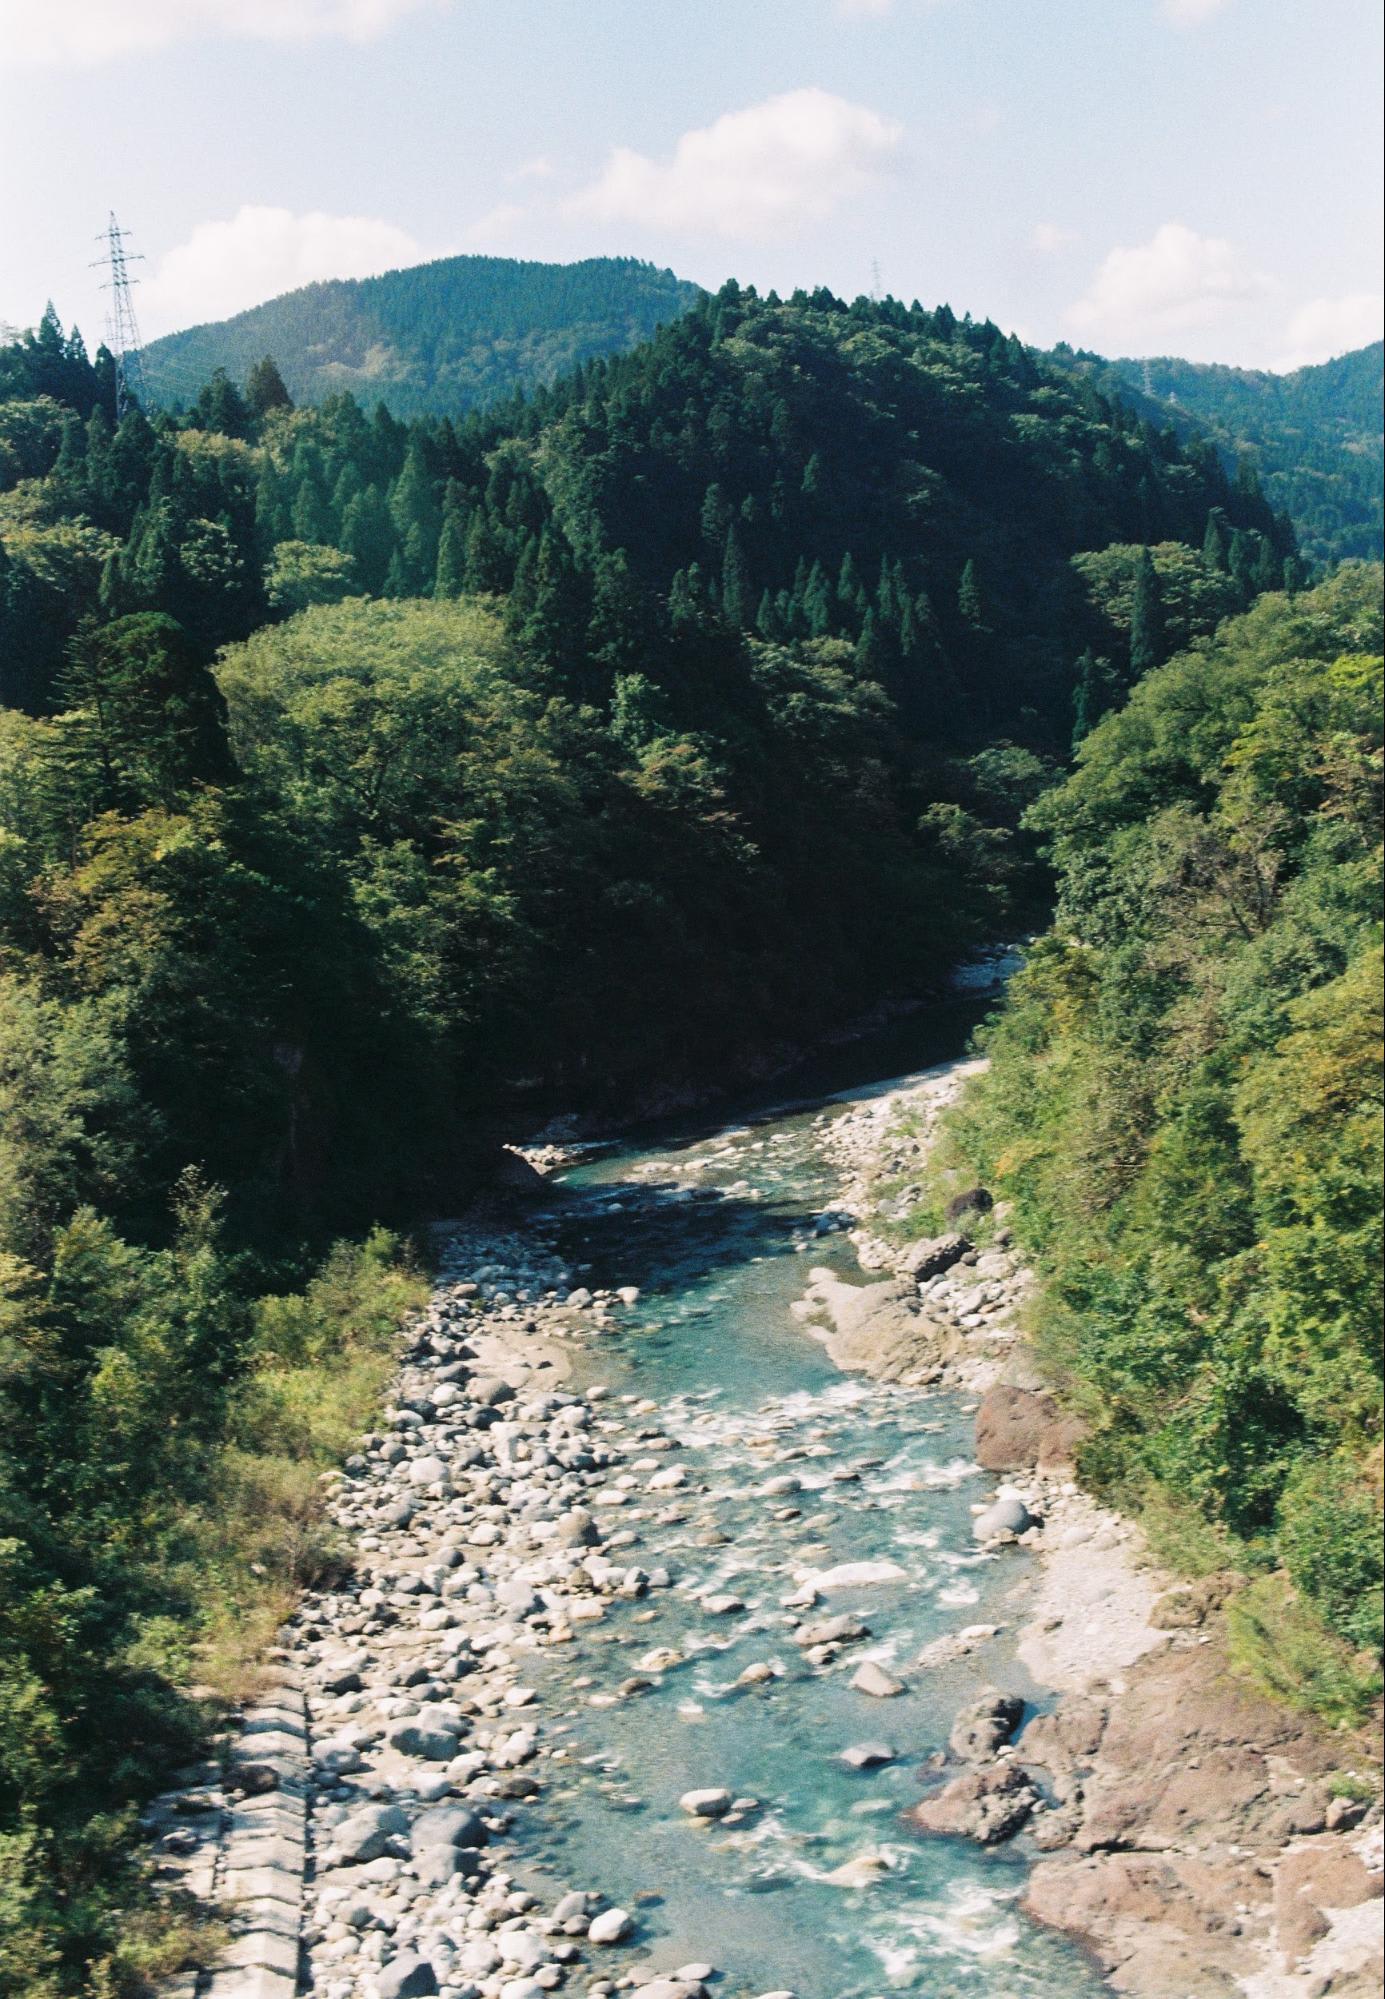 khung cảnh nhìn từ chuyến tàu địa phương đi tateyama